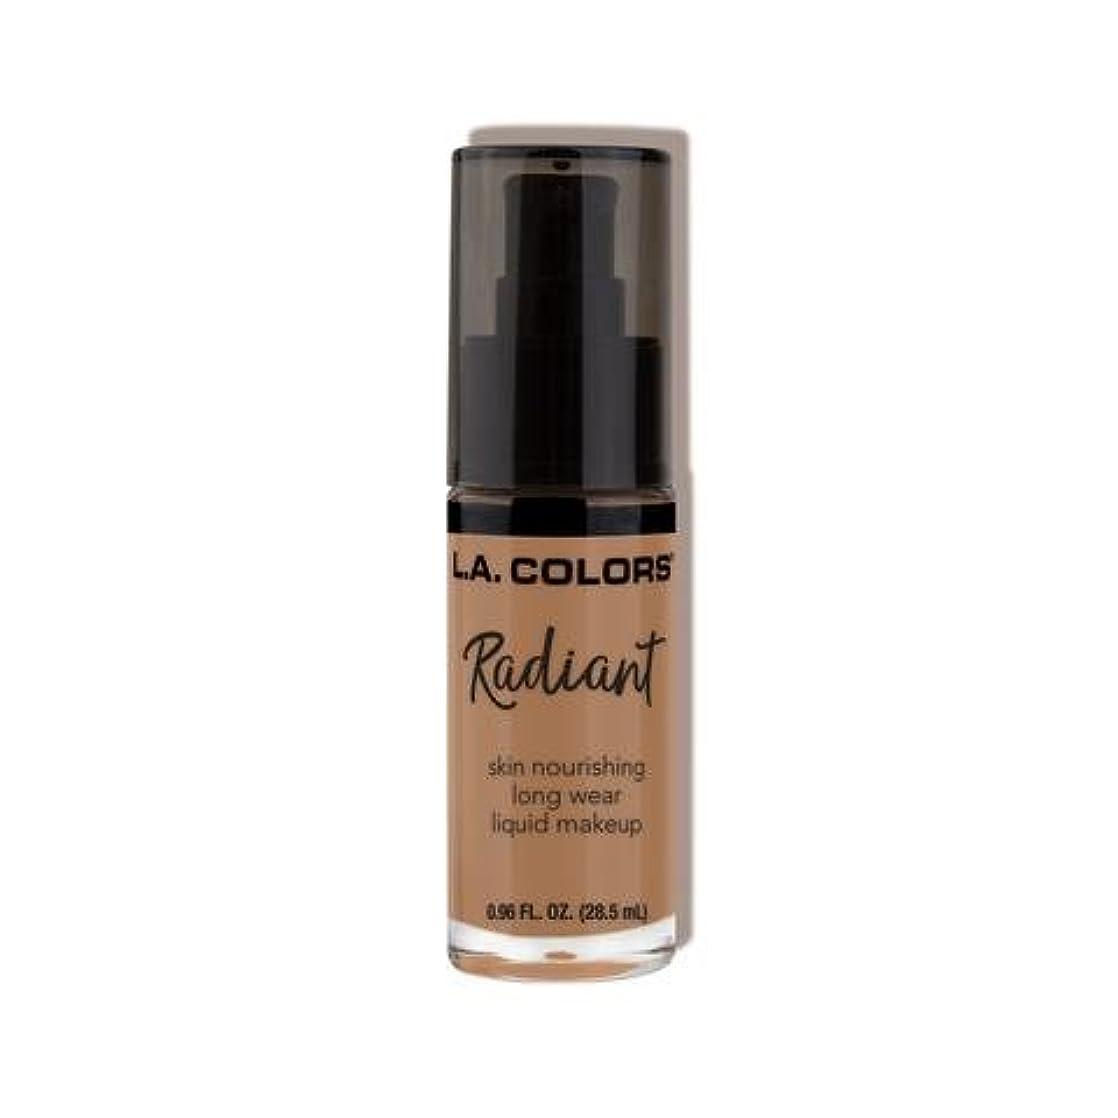 遮る回路十分ではない(3 Pack) L.A. COLORS Radiant Liquid Makeup - Creamy Cafe (並行輸入品)